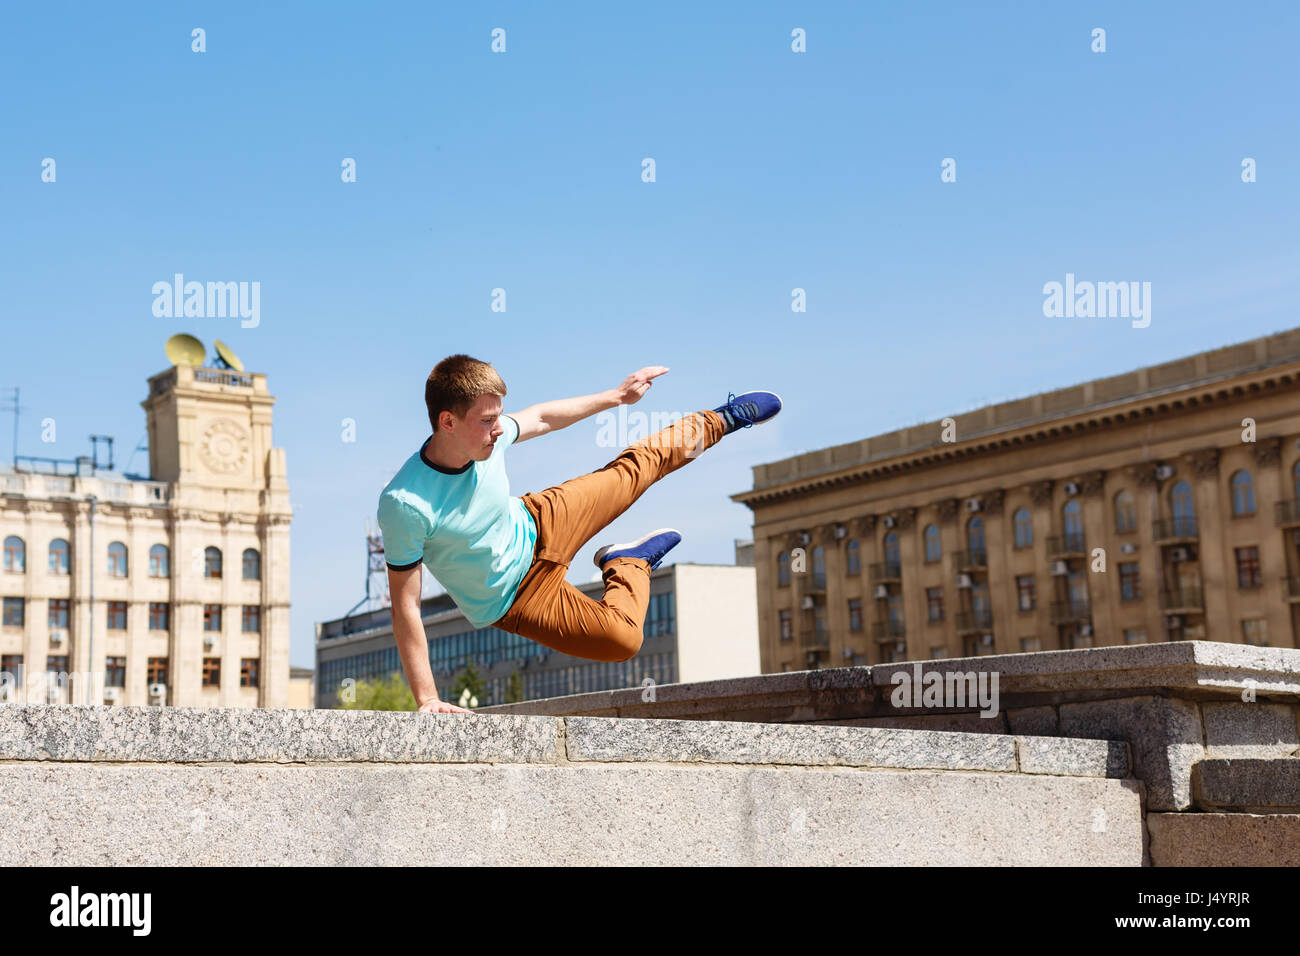 Junger Mann springt über die Mauer. Parkour im urbanen Raum. Sport in der Stadt. Sportliche Aktivität. Stockbild